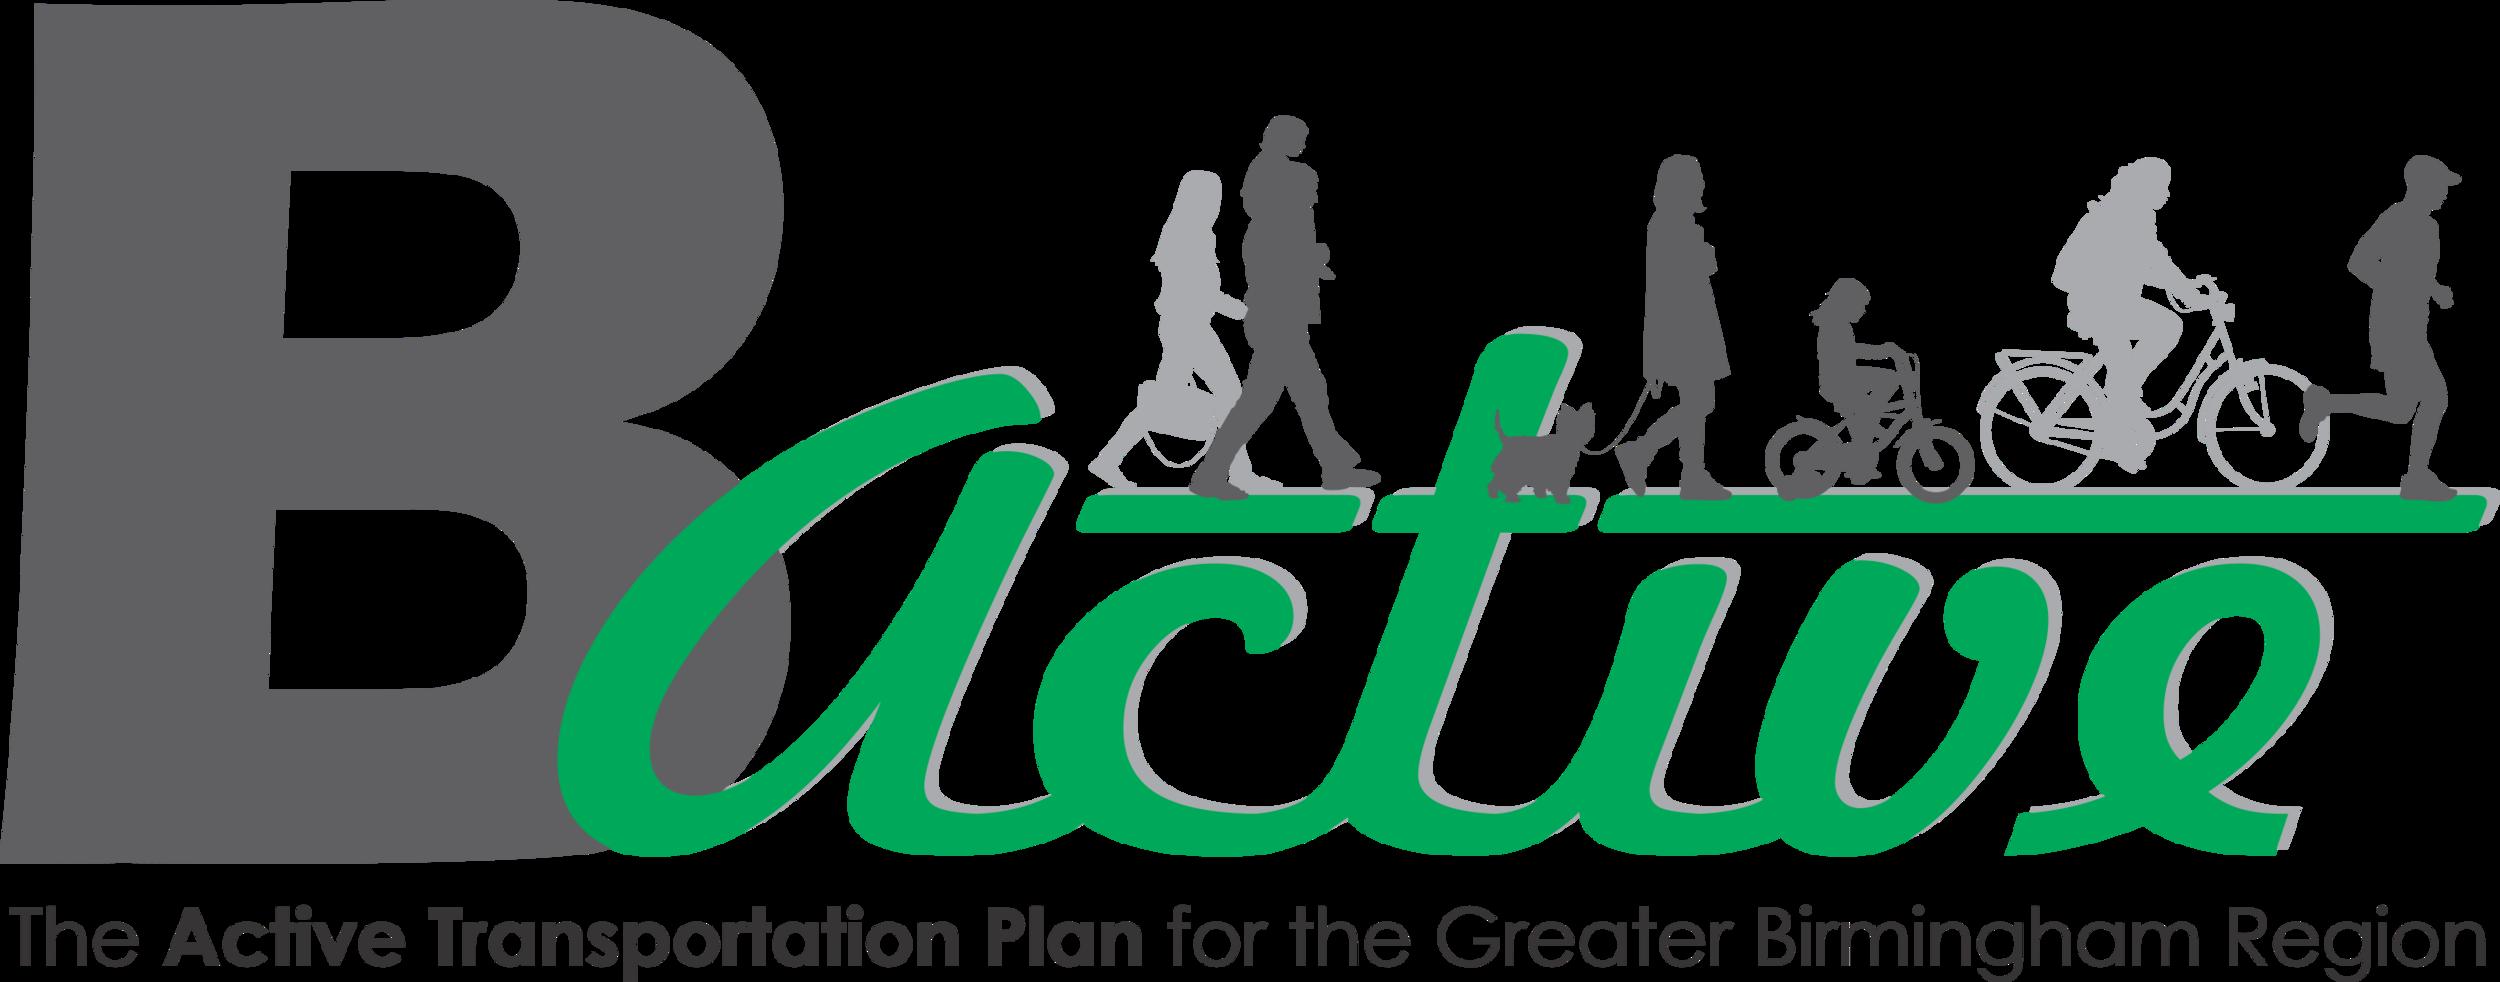 B-ACTIVE Plan logo